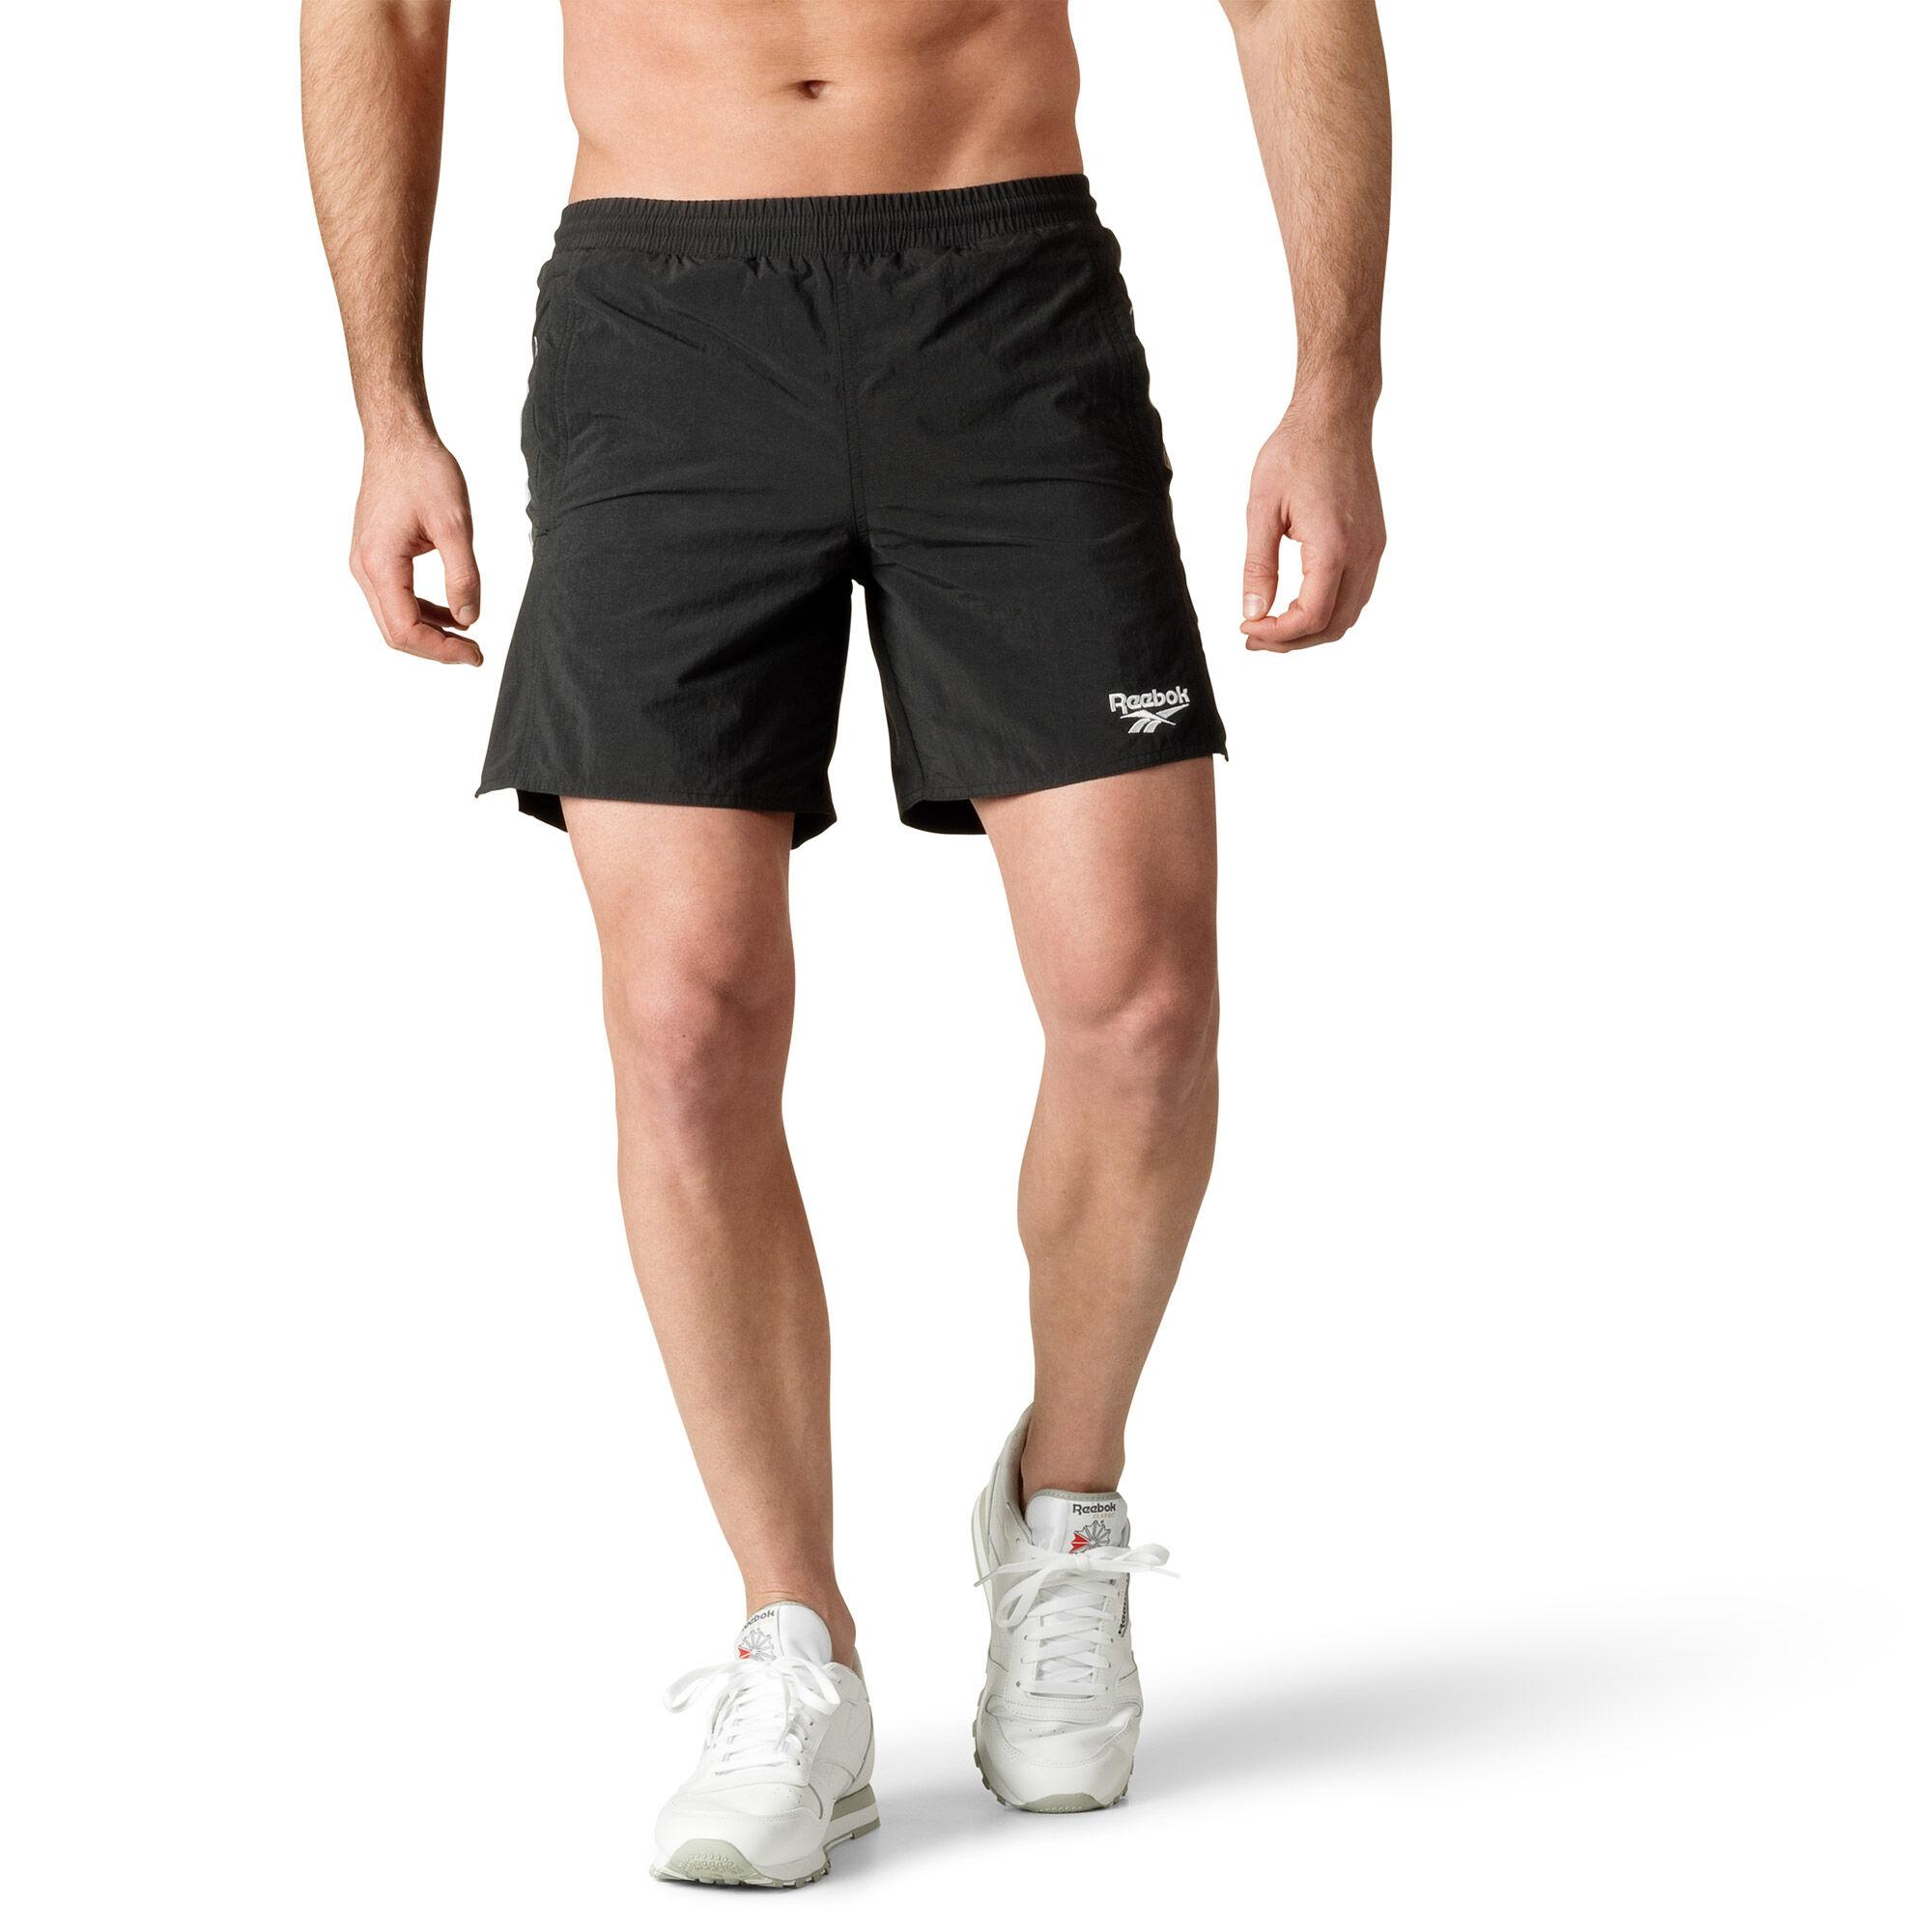 Reebok - Retro Woven Shorts Black DN9698